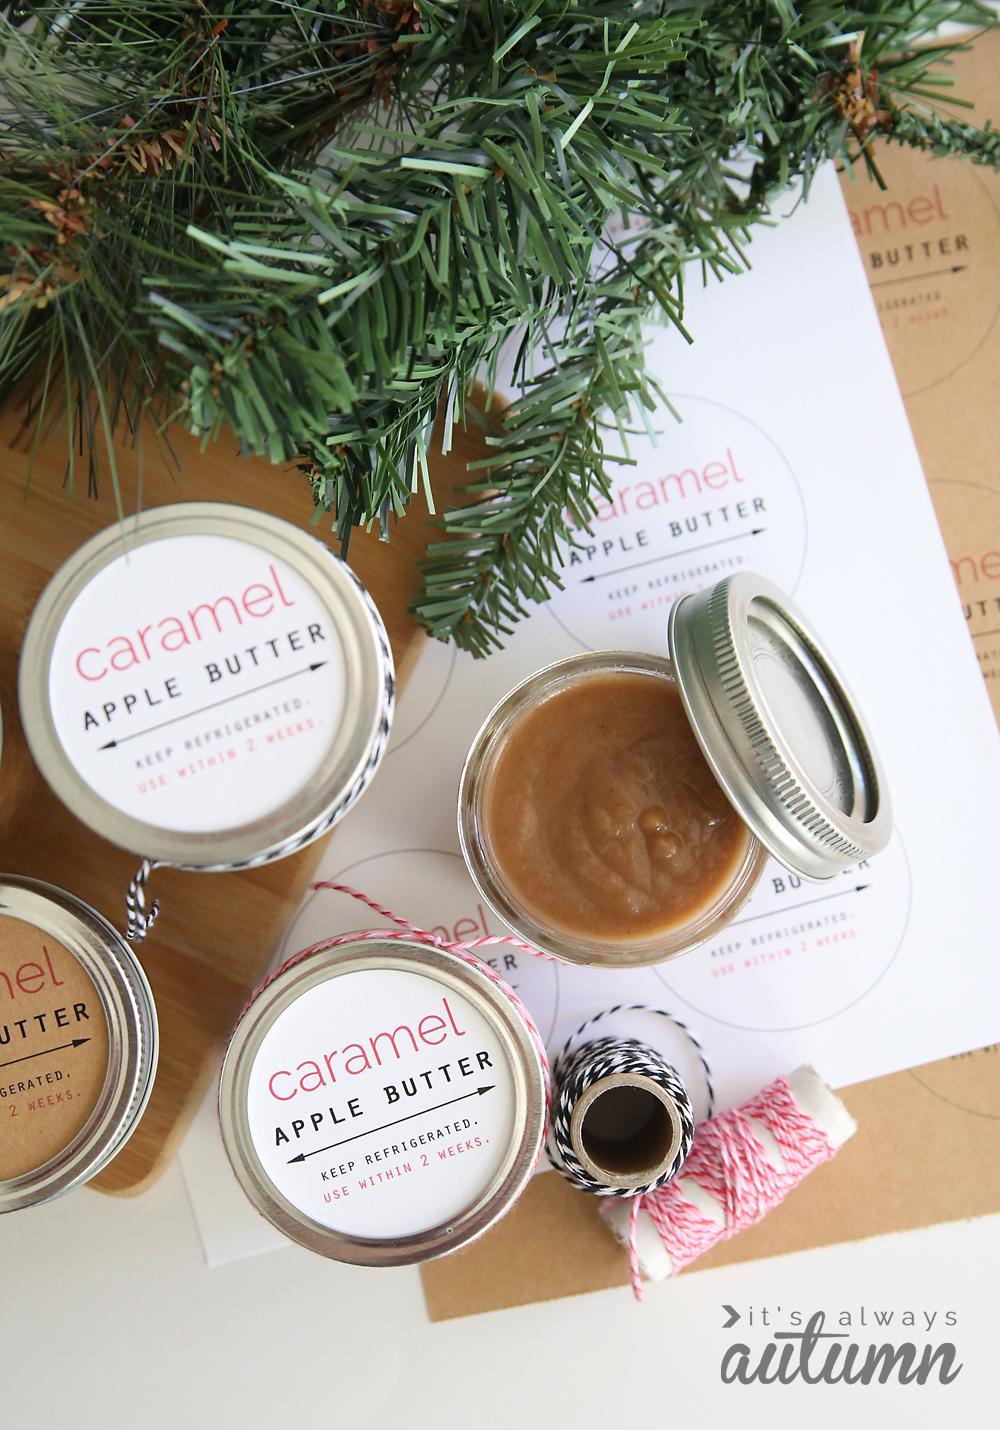 caramel-apple-butter-crockpot-itsalwaysautumn.jpg